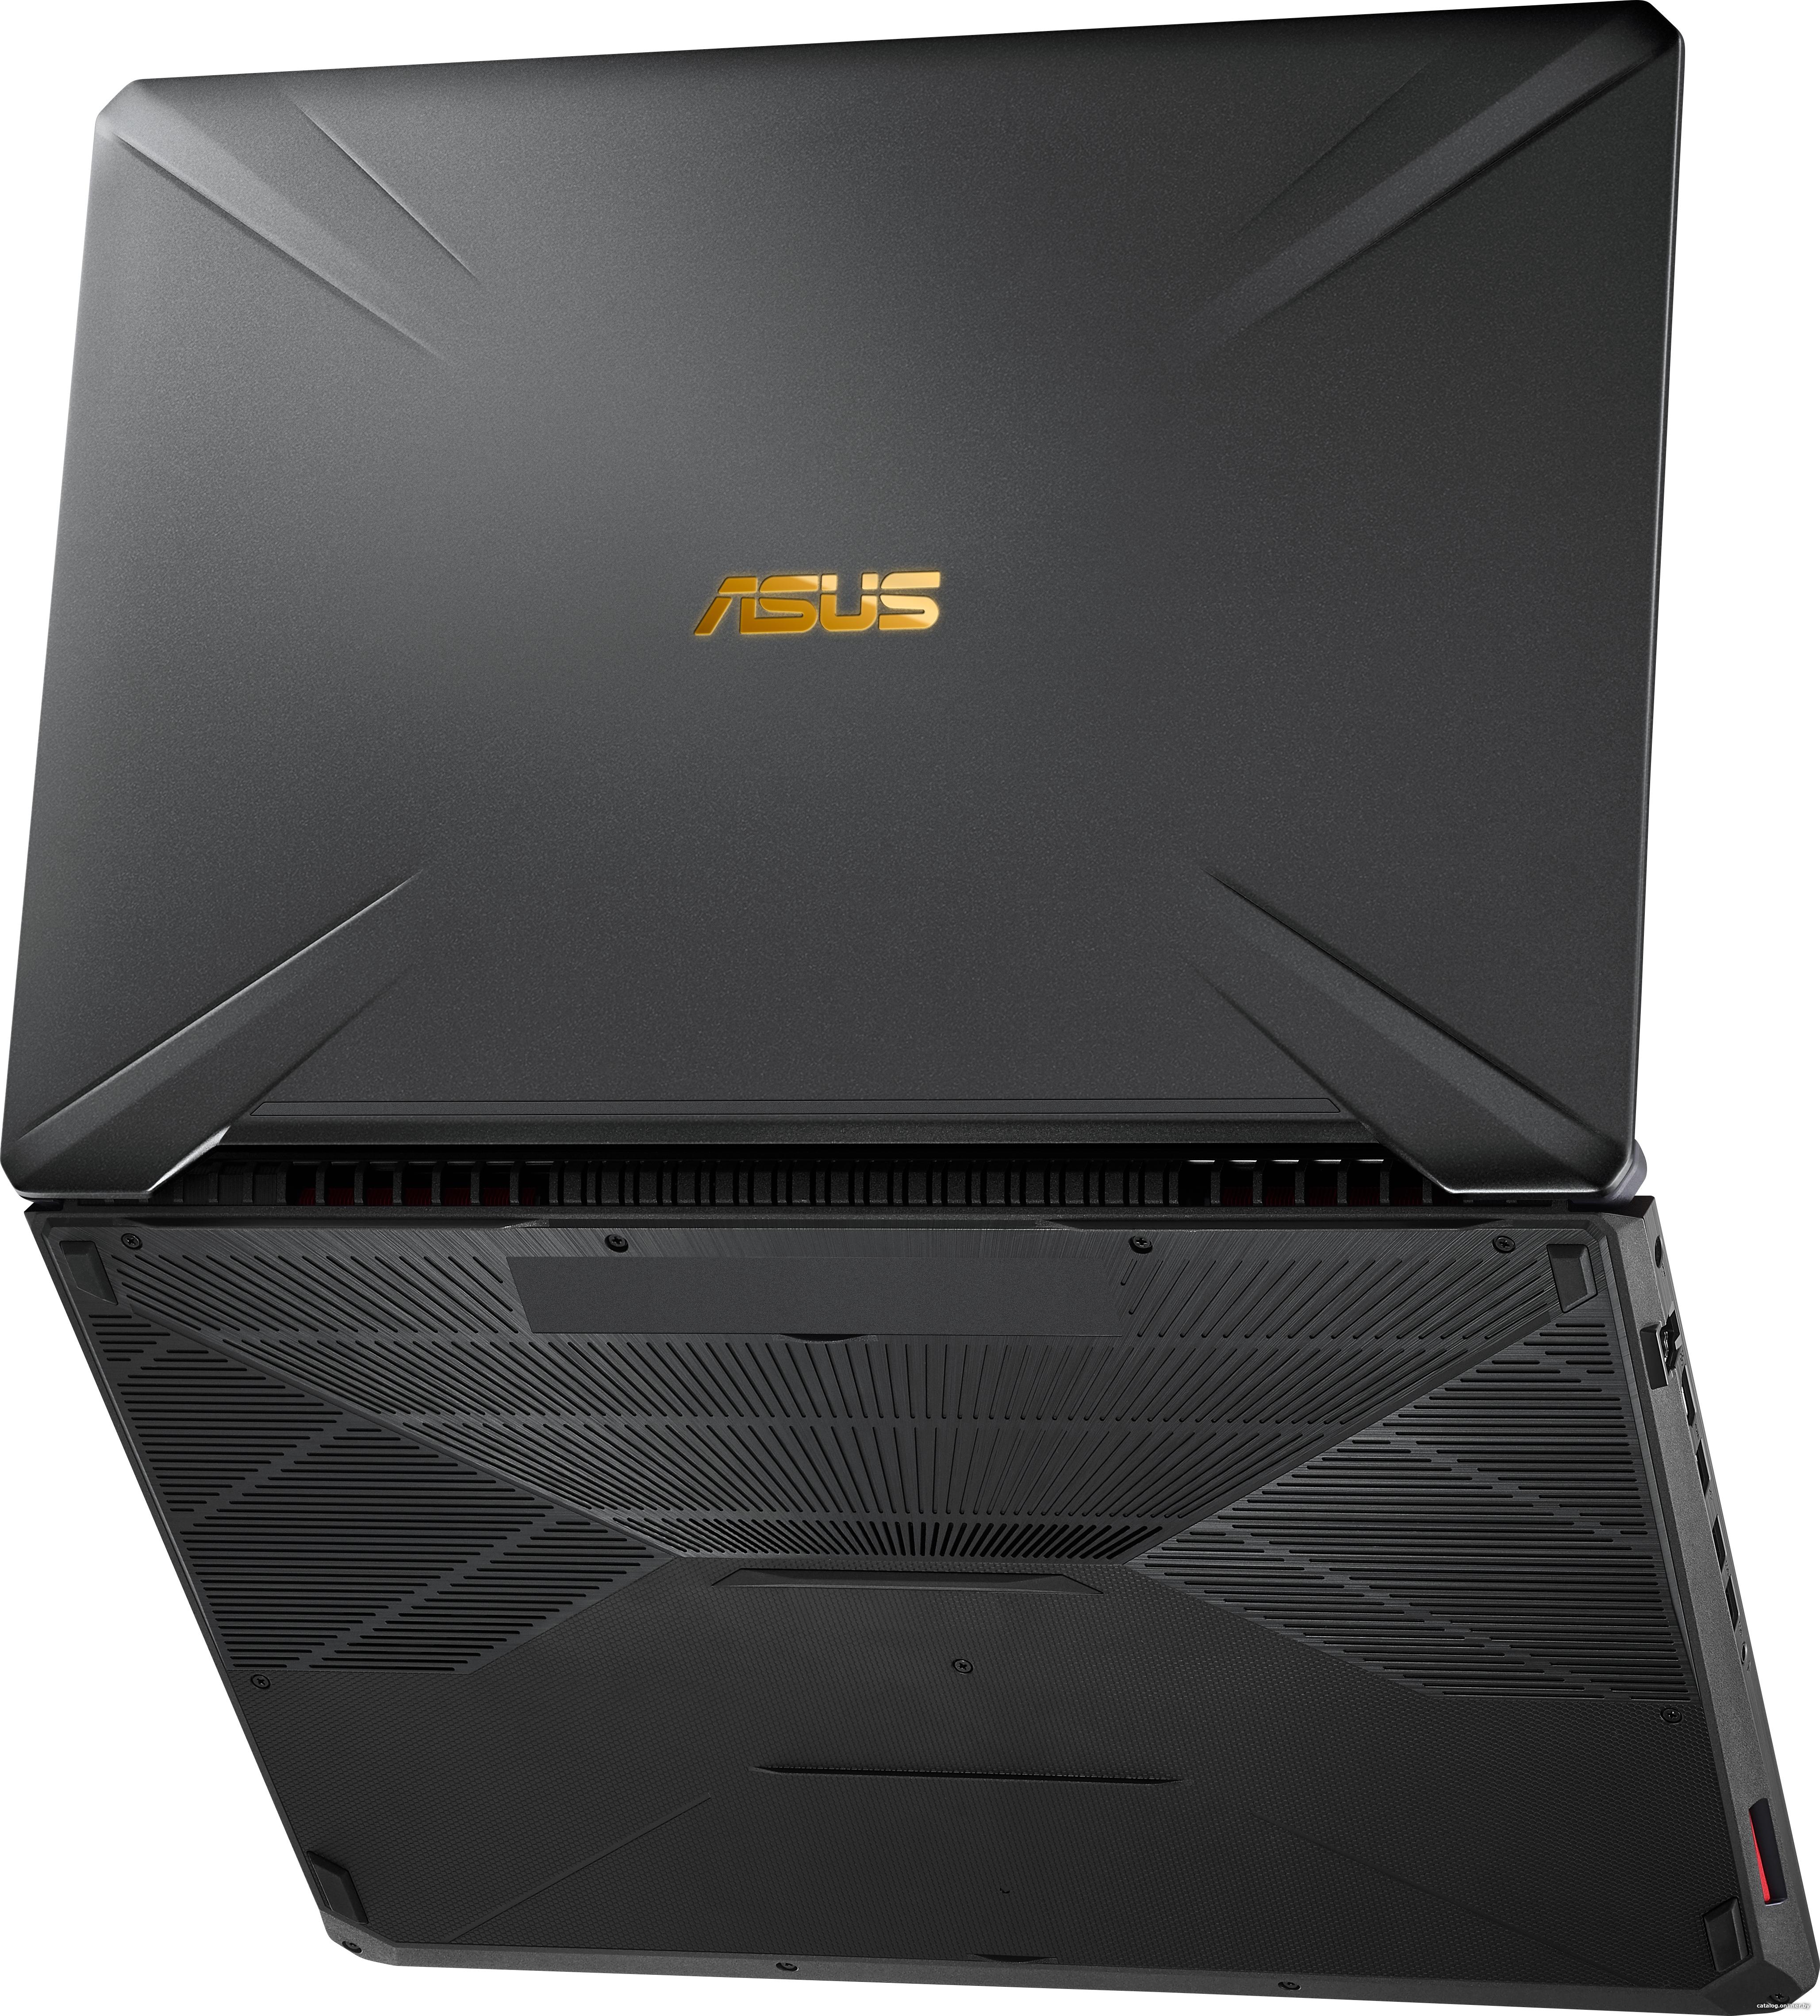 ASUS TUF Gaming FX705GD-EW222 Image #6